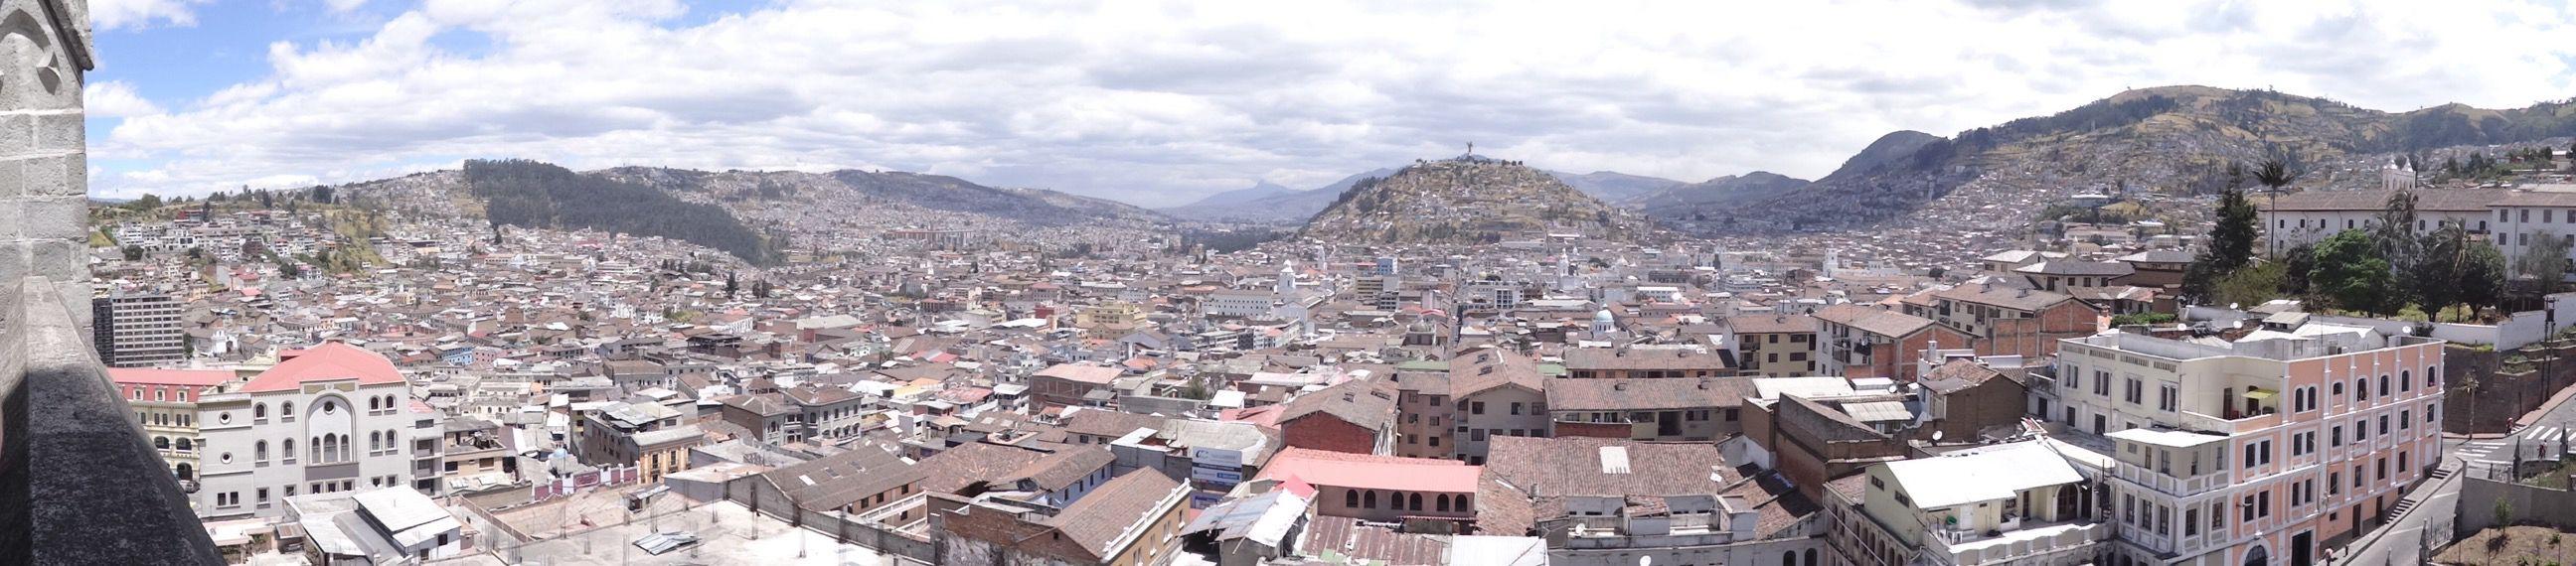 Berichte zu Einsätzen in Ecuador